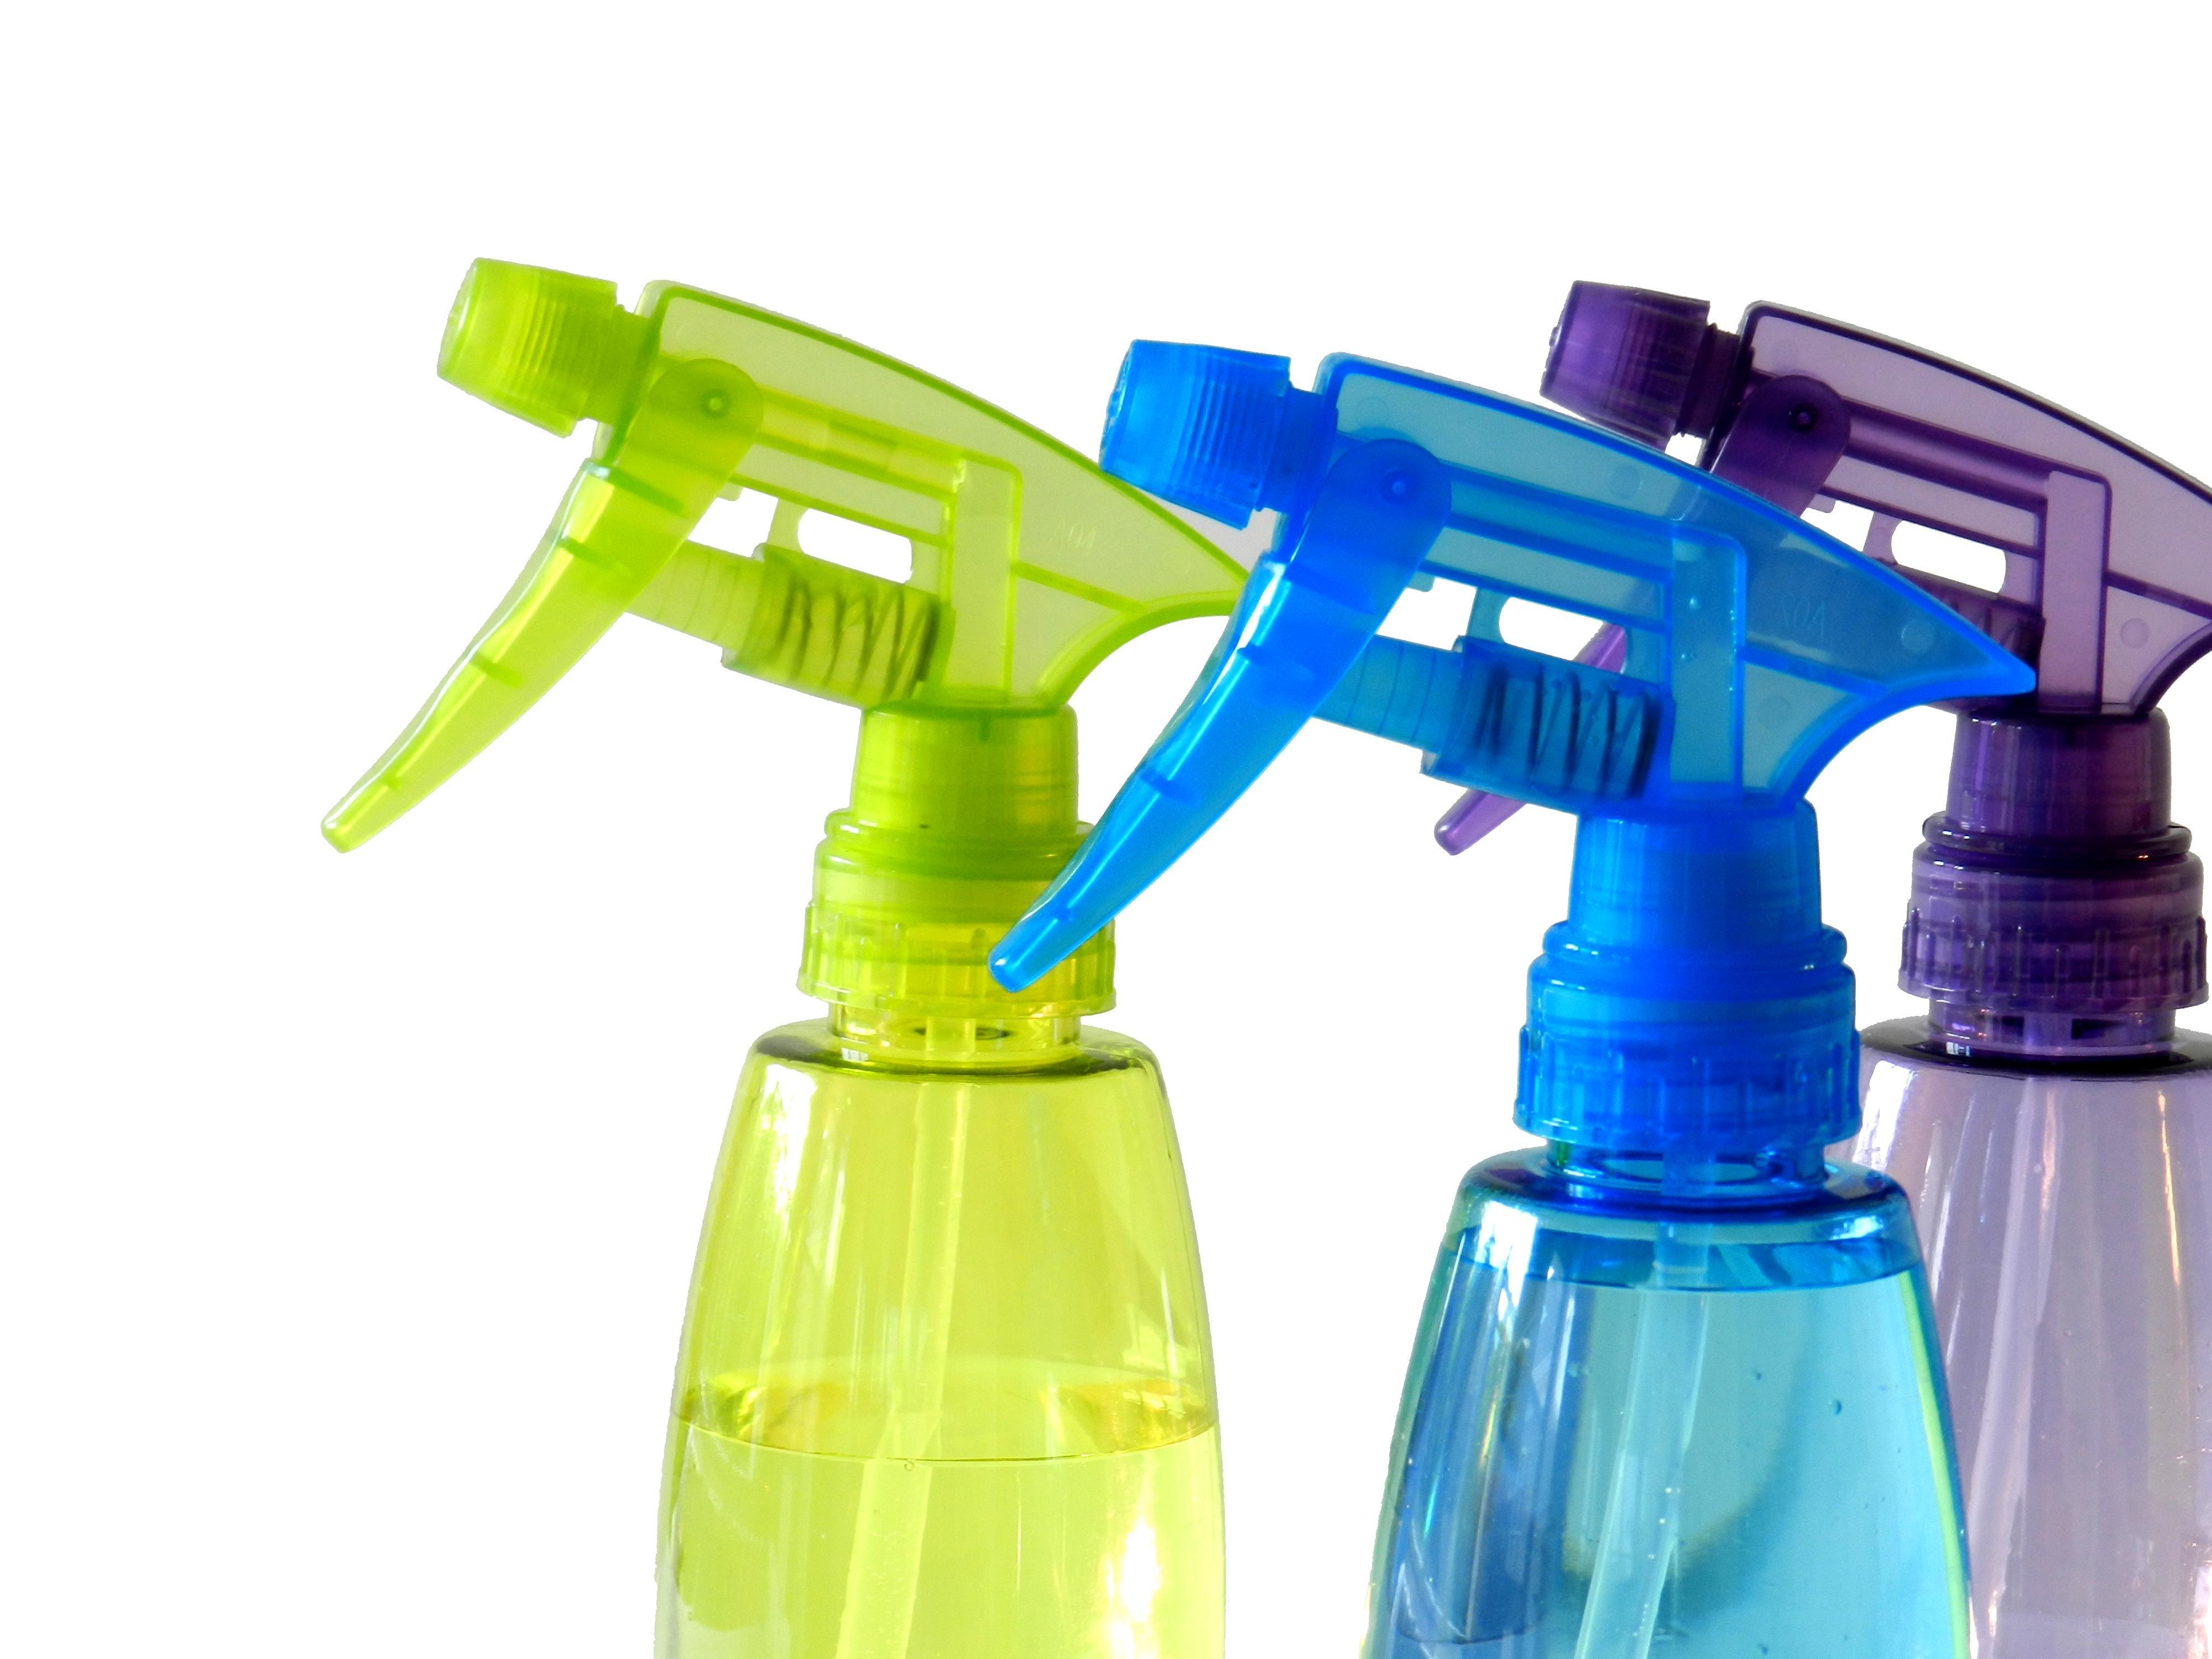 La importancia de tener un buen plan de limpieza en las for Manual de limpieza y desinfeccion en industria alimentaria